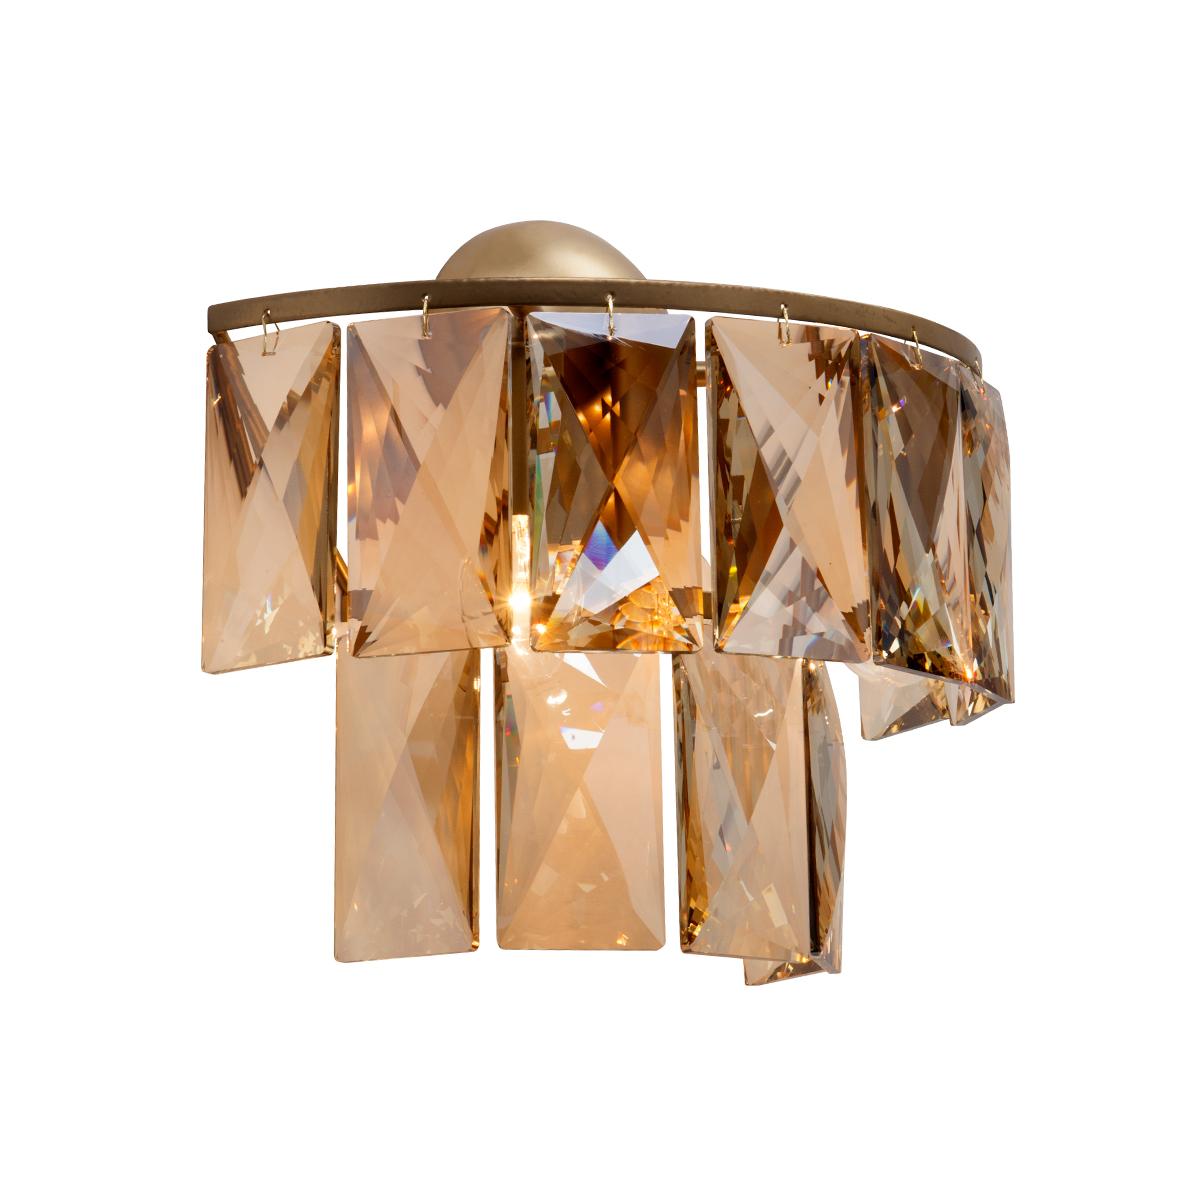 Светильник настенный Vitaluce V5278-8/3A, 1хЕ14 макс. 40Вт подвесной светильник colosseo 80919 3a mario